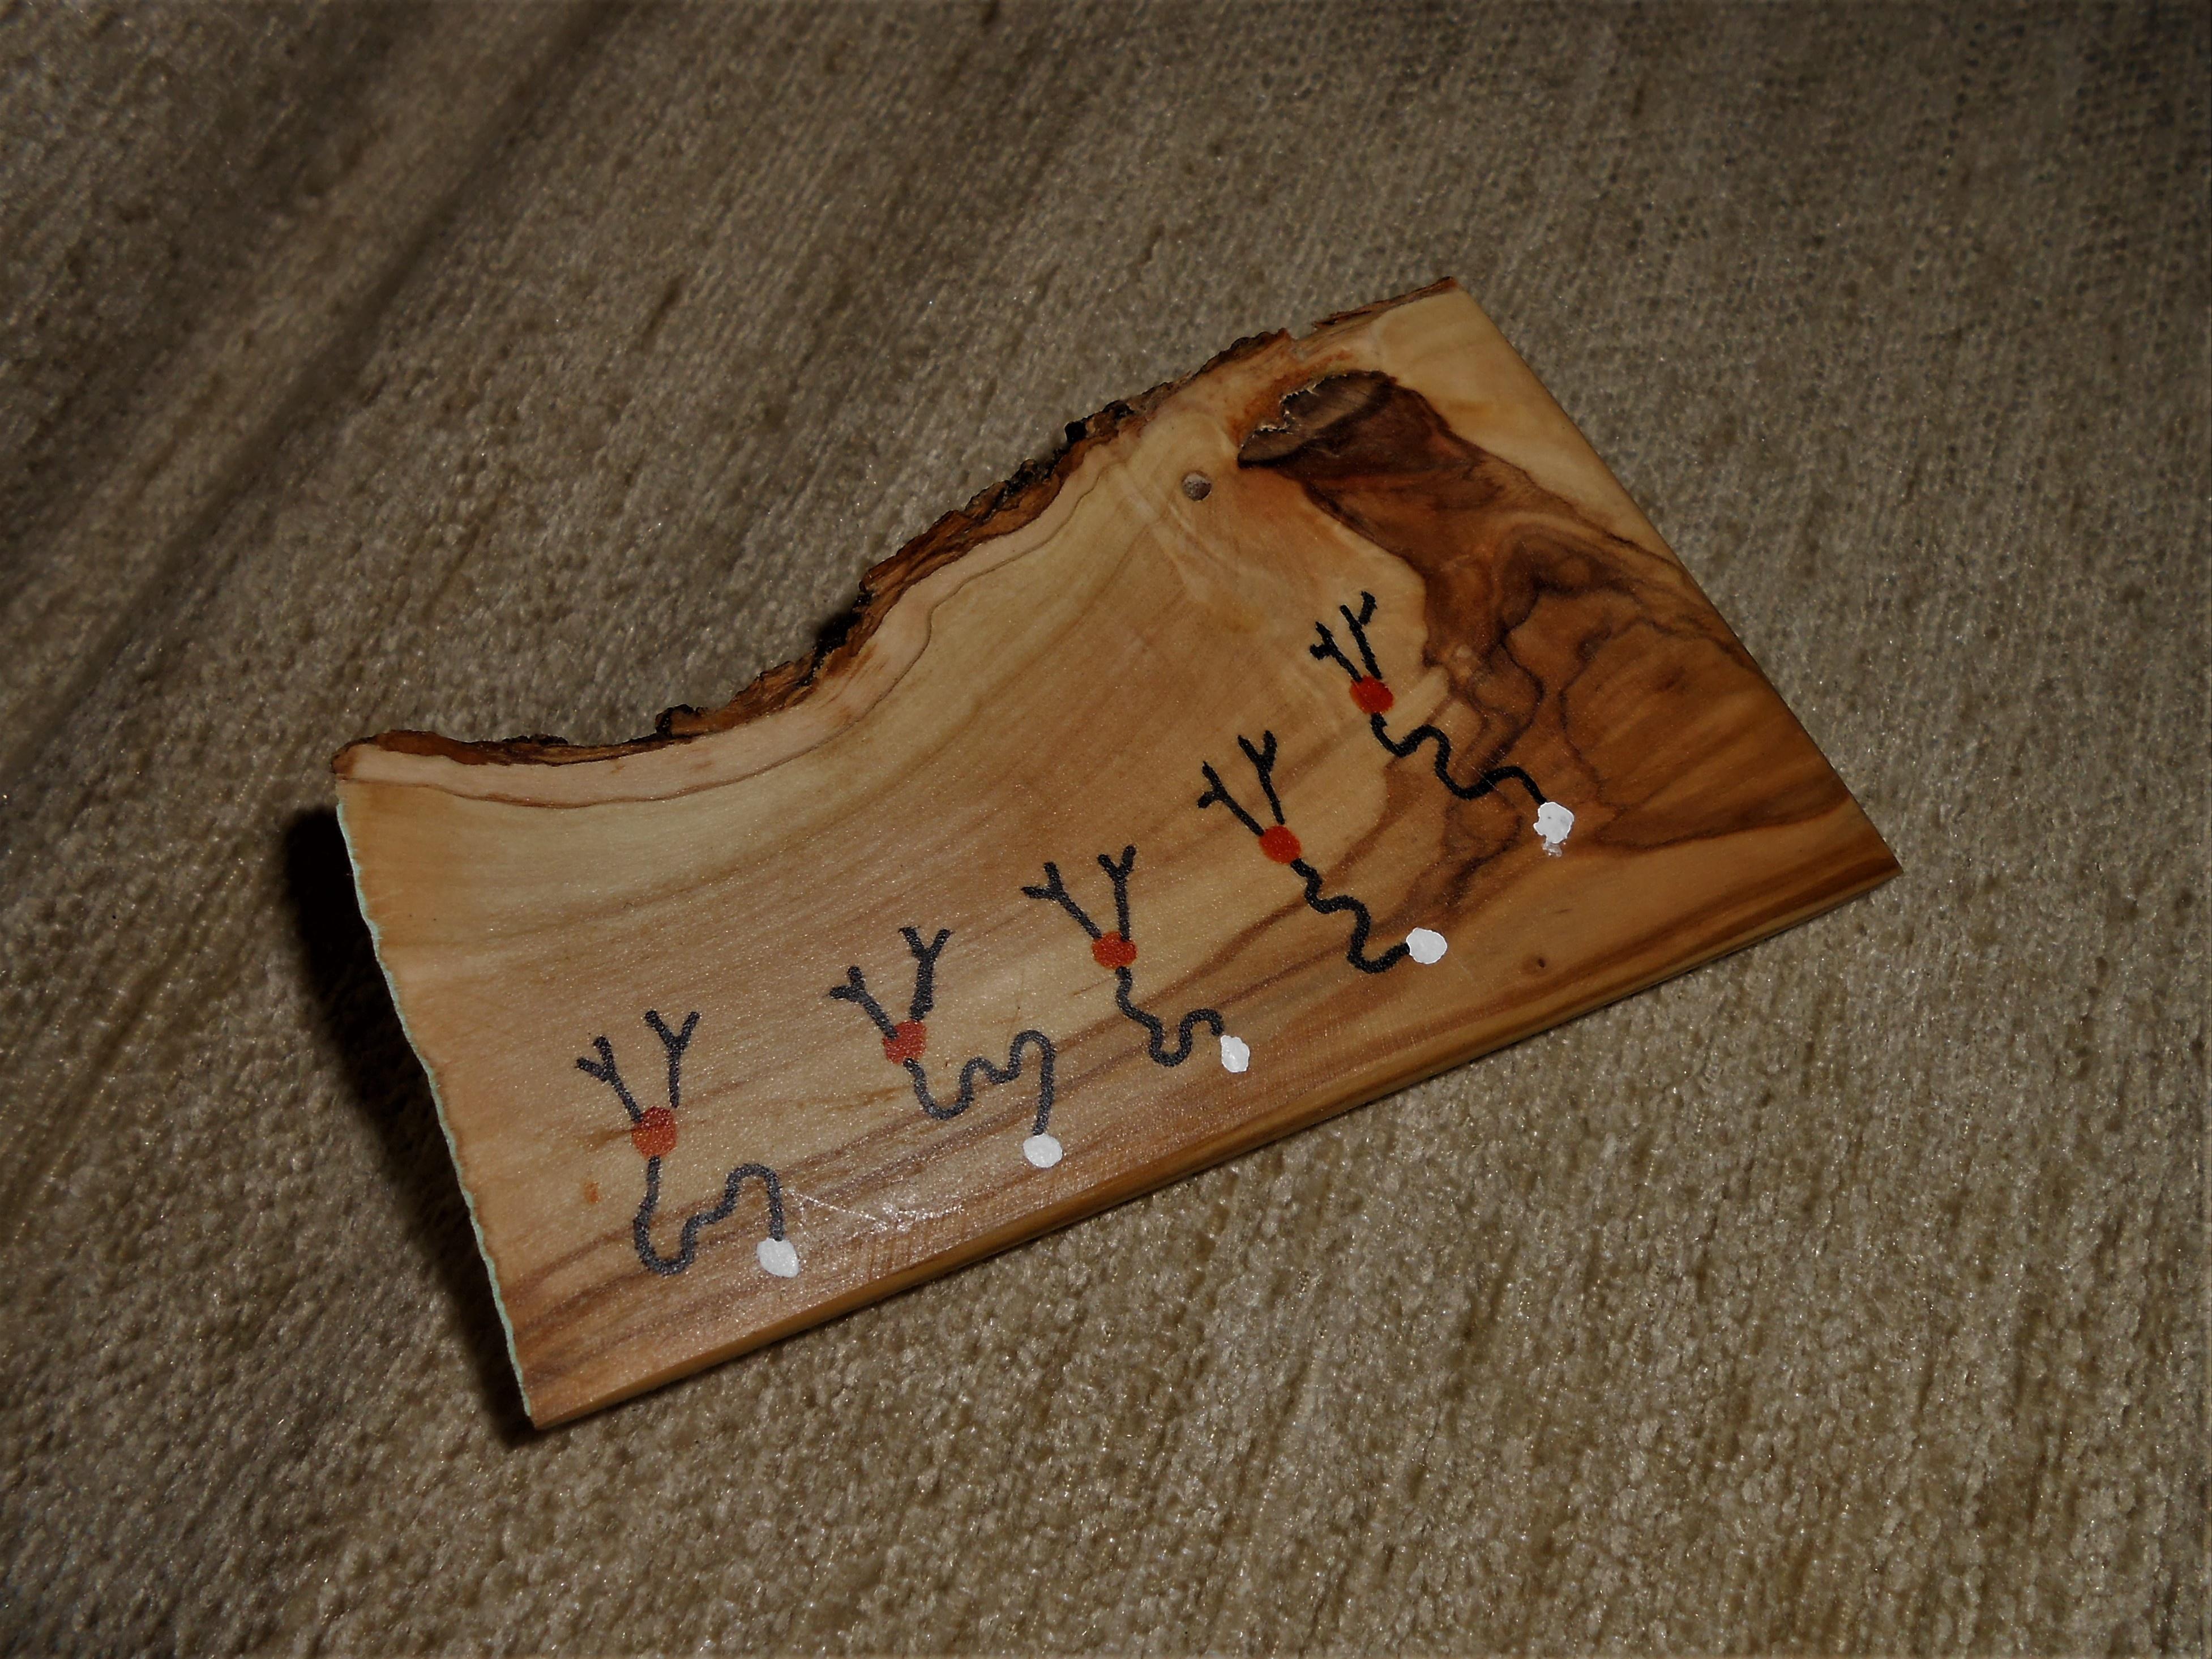 Olive wood stick 3 (incense holder)